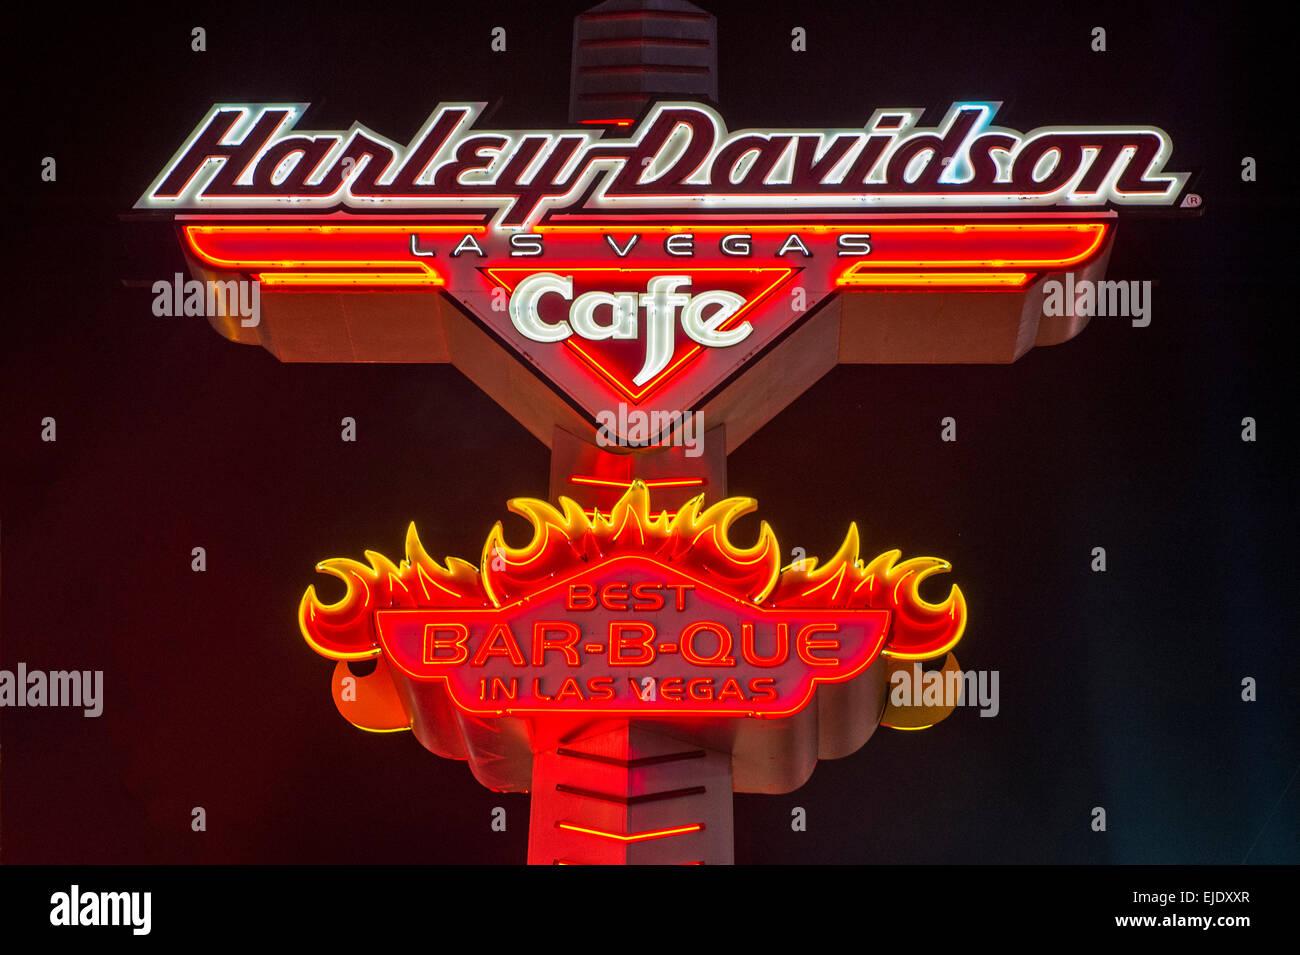 The Harley Davidson Cafe in Las Vegas strip - Stock Image